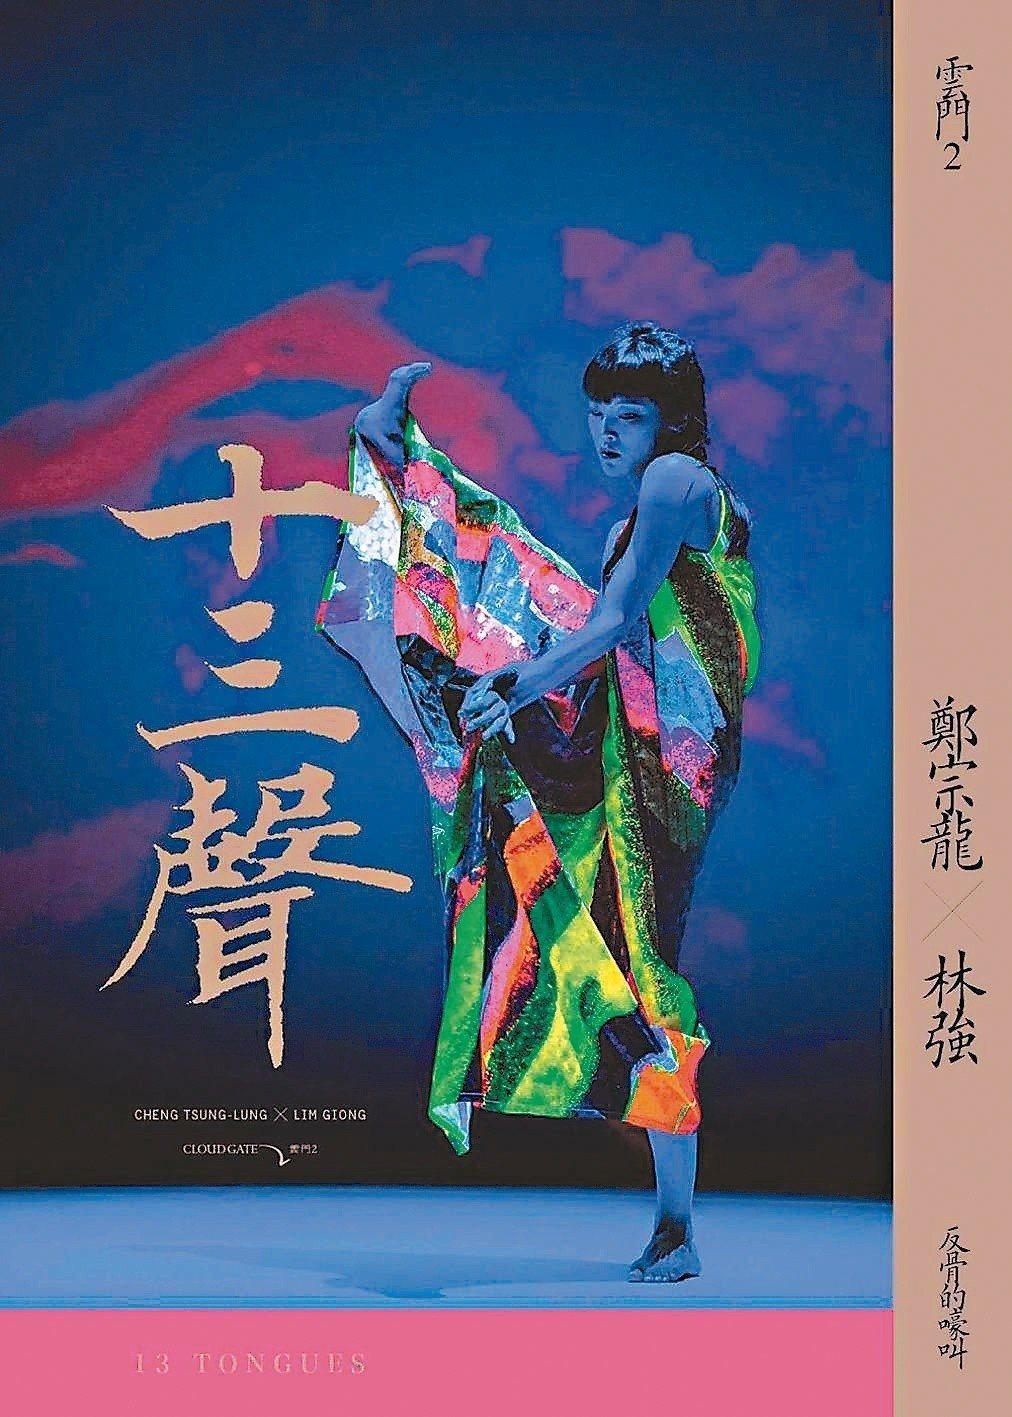 《十三聲》由舞蹈家鄭宗龍和音樂家林強聯手創作。